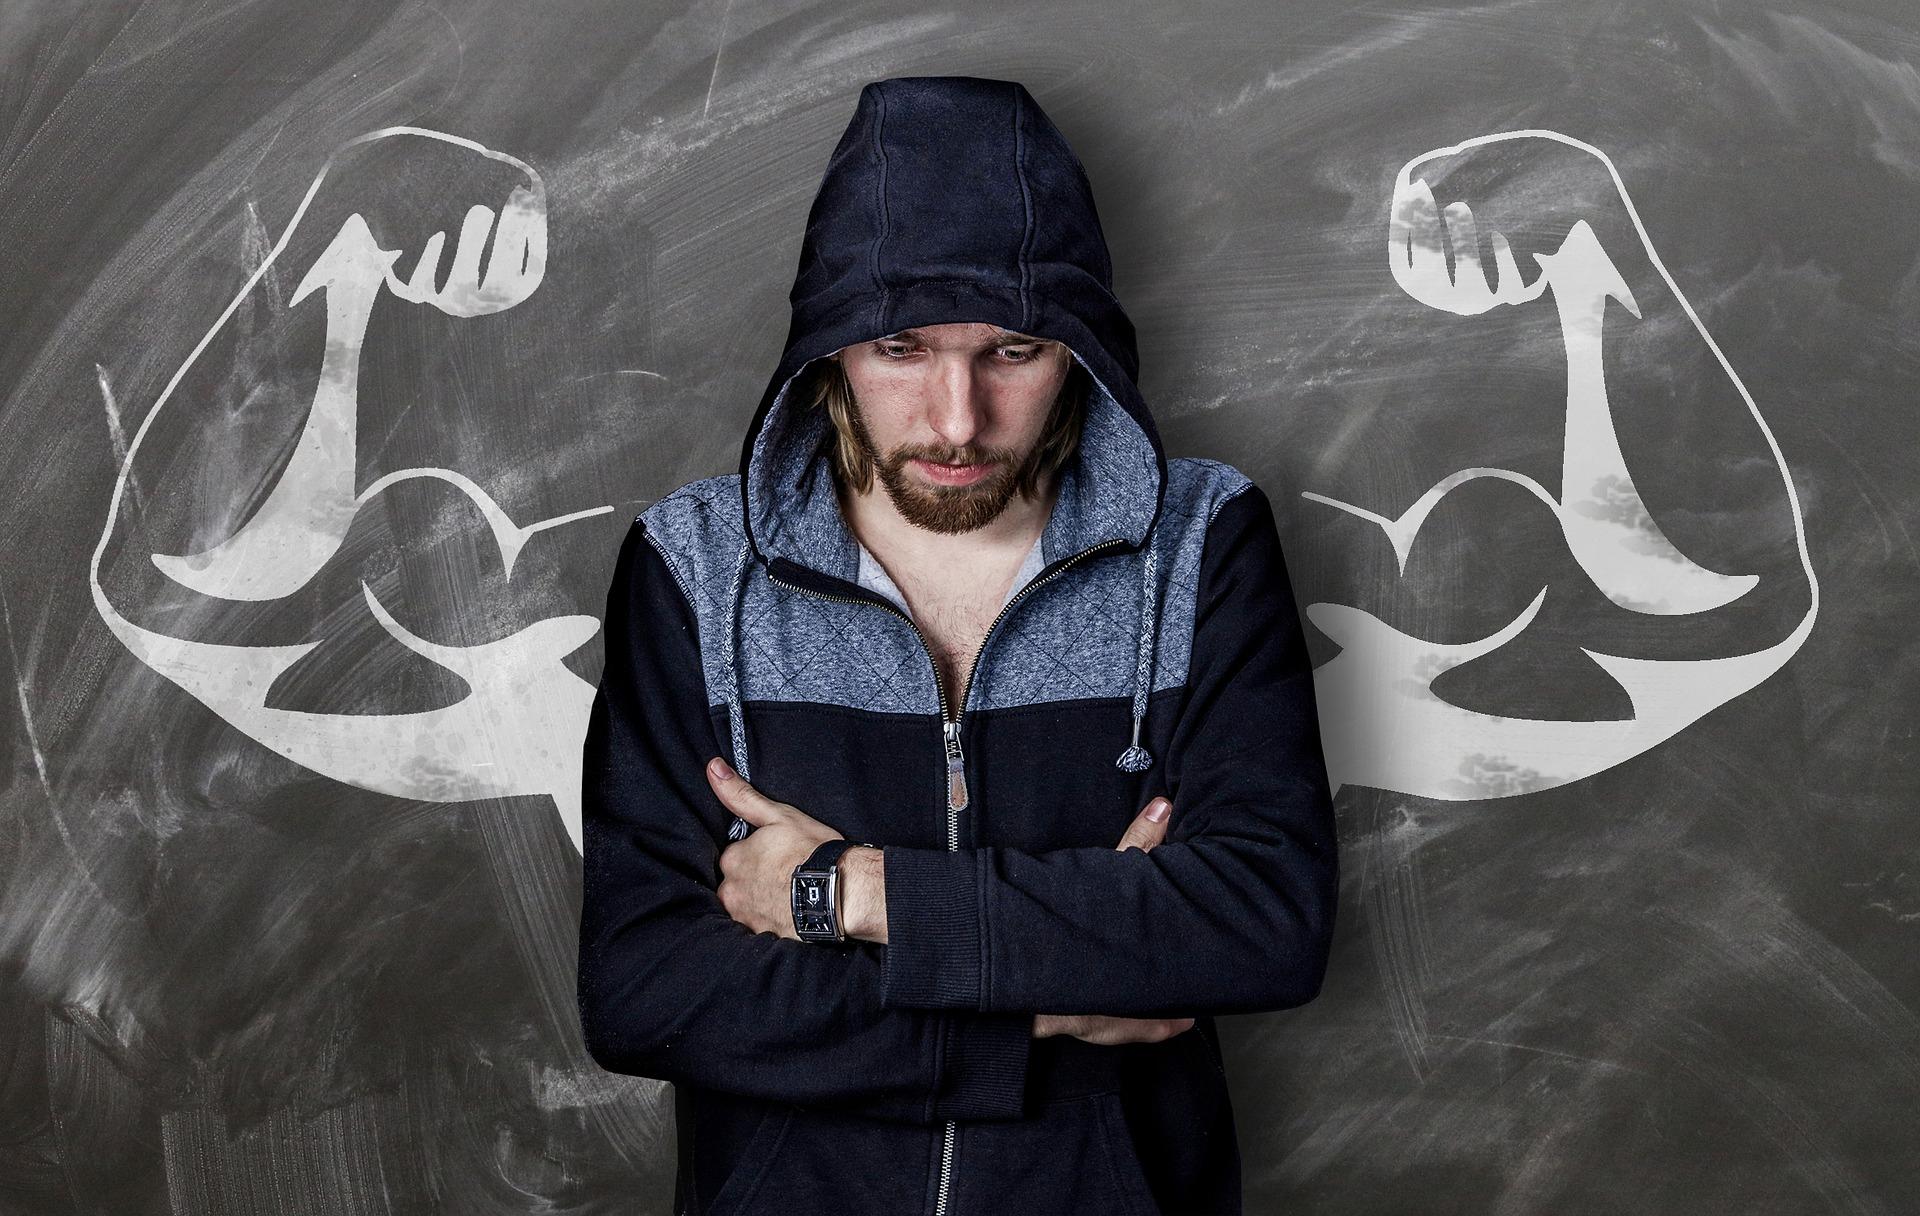 Jste unaveni a nemáte motivaci ke cvičení? Poradíme Vám co s tím!